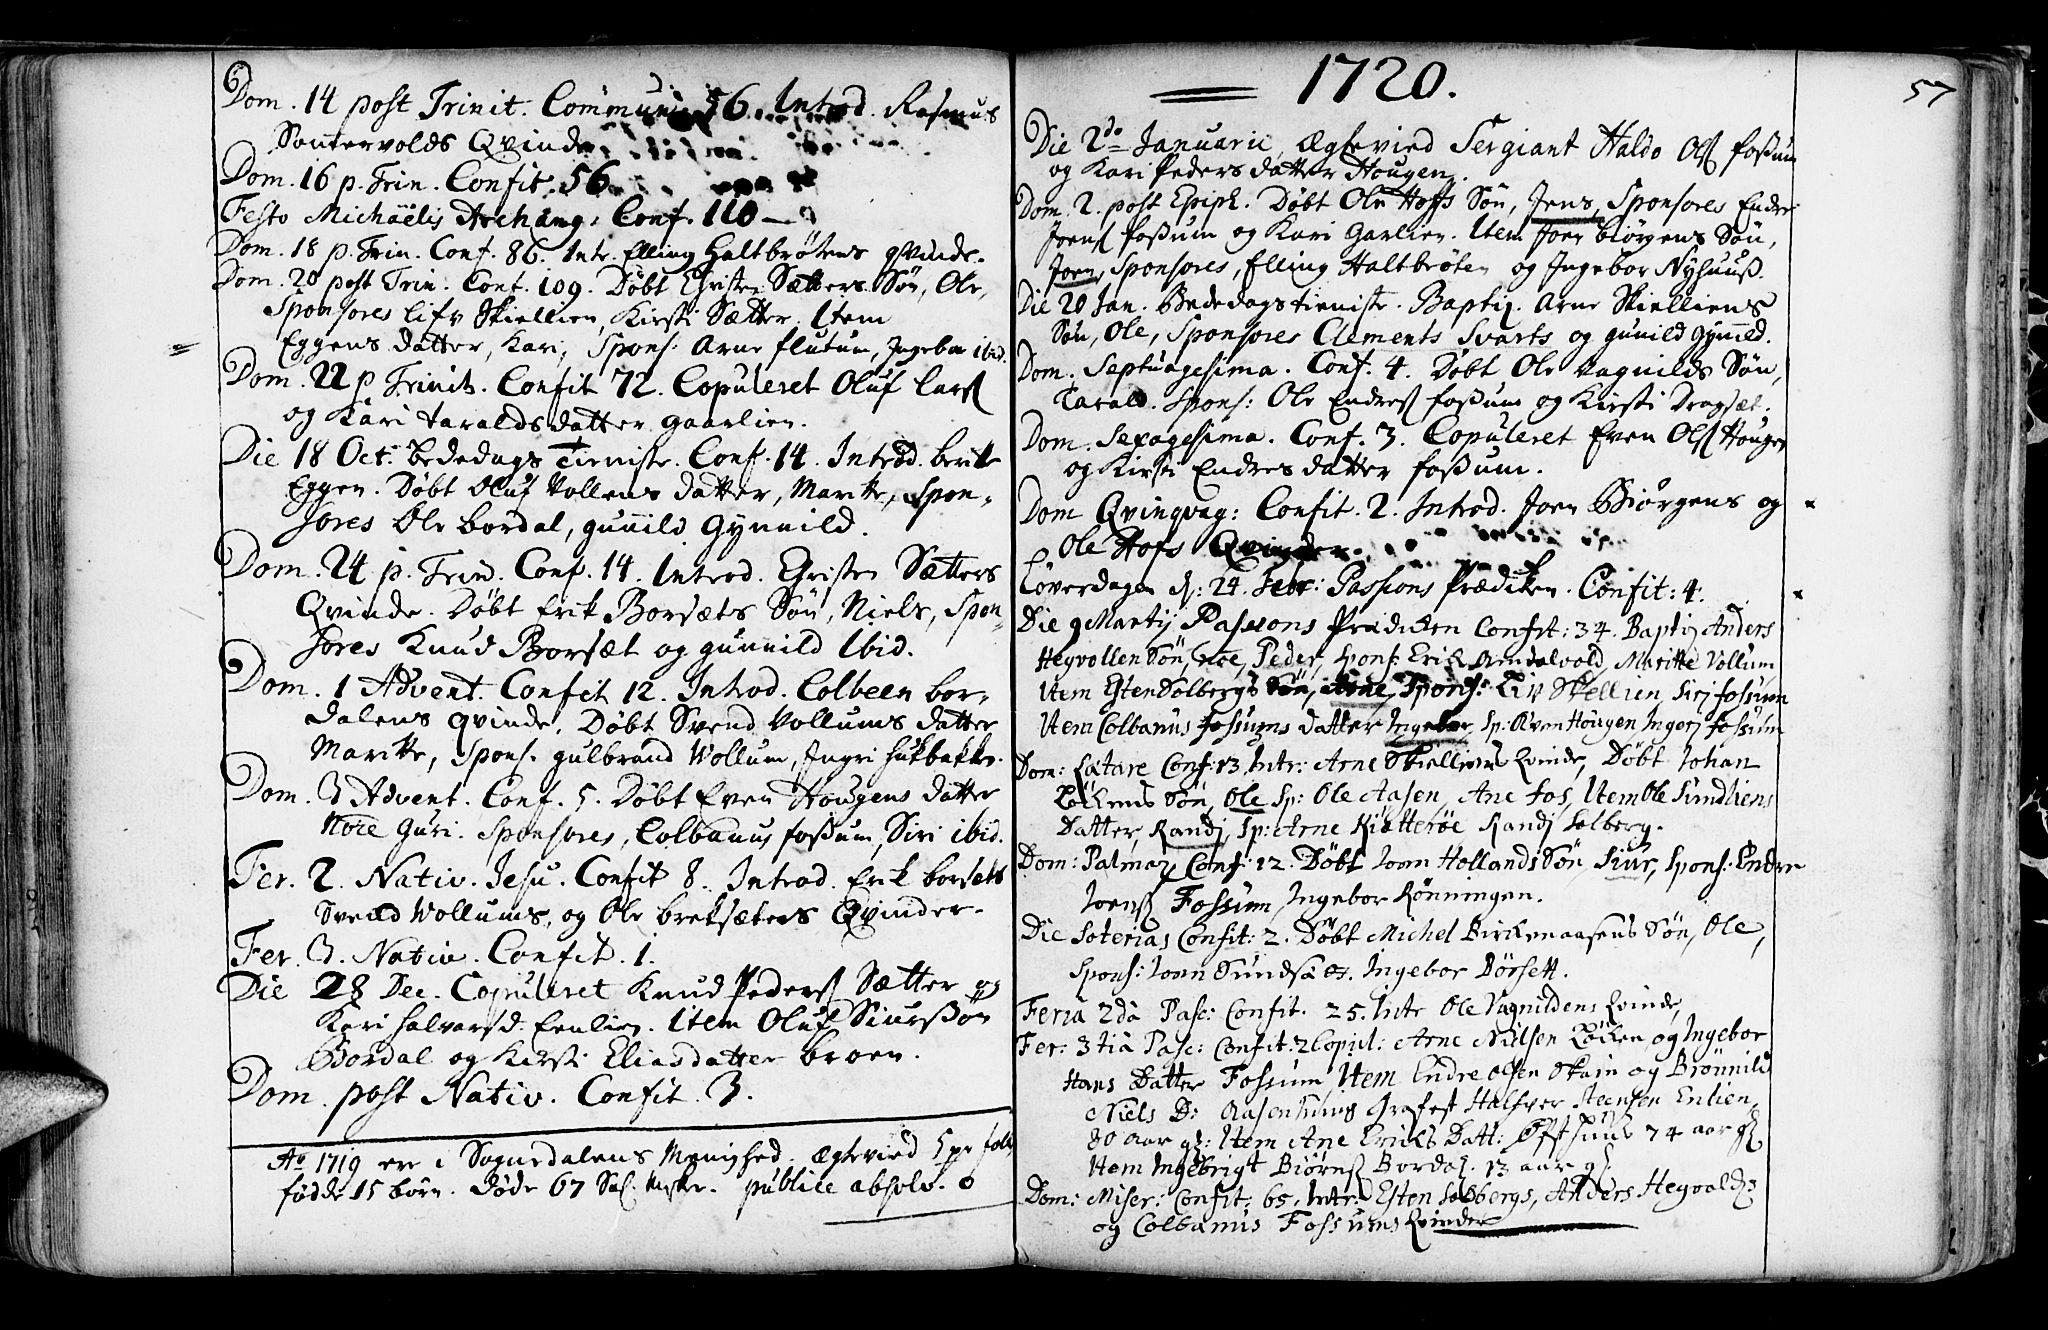 SAT, Ministerialprotokoller, klokkerbøker og fødselsregistre - Sør-Trøndelag, 689/L1036: Ministerialbok nr. 689A01, 1696-1746, s. 57